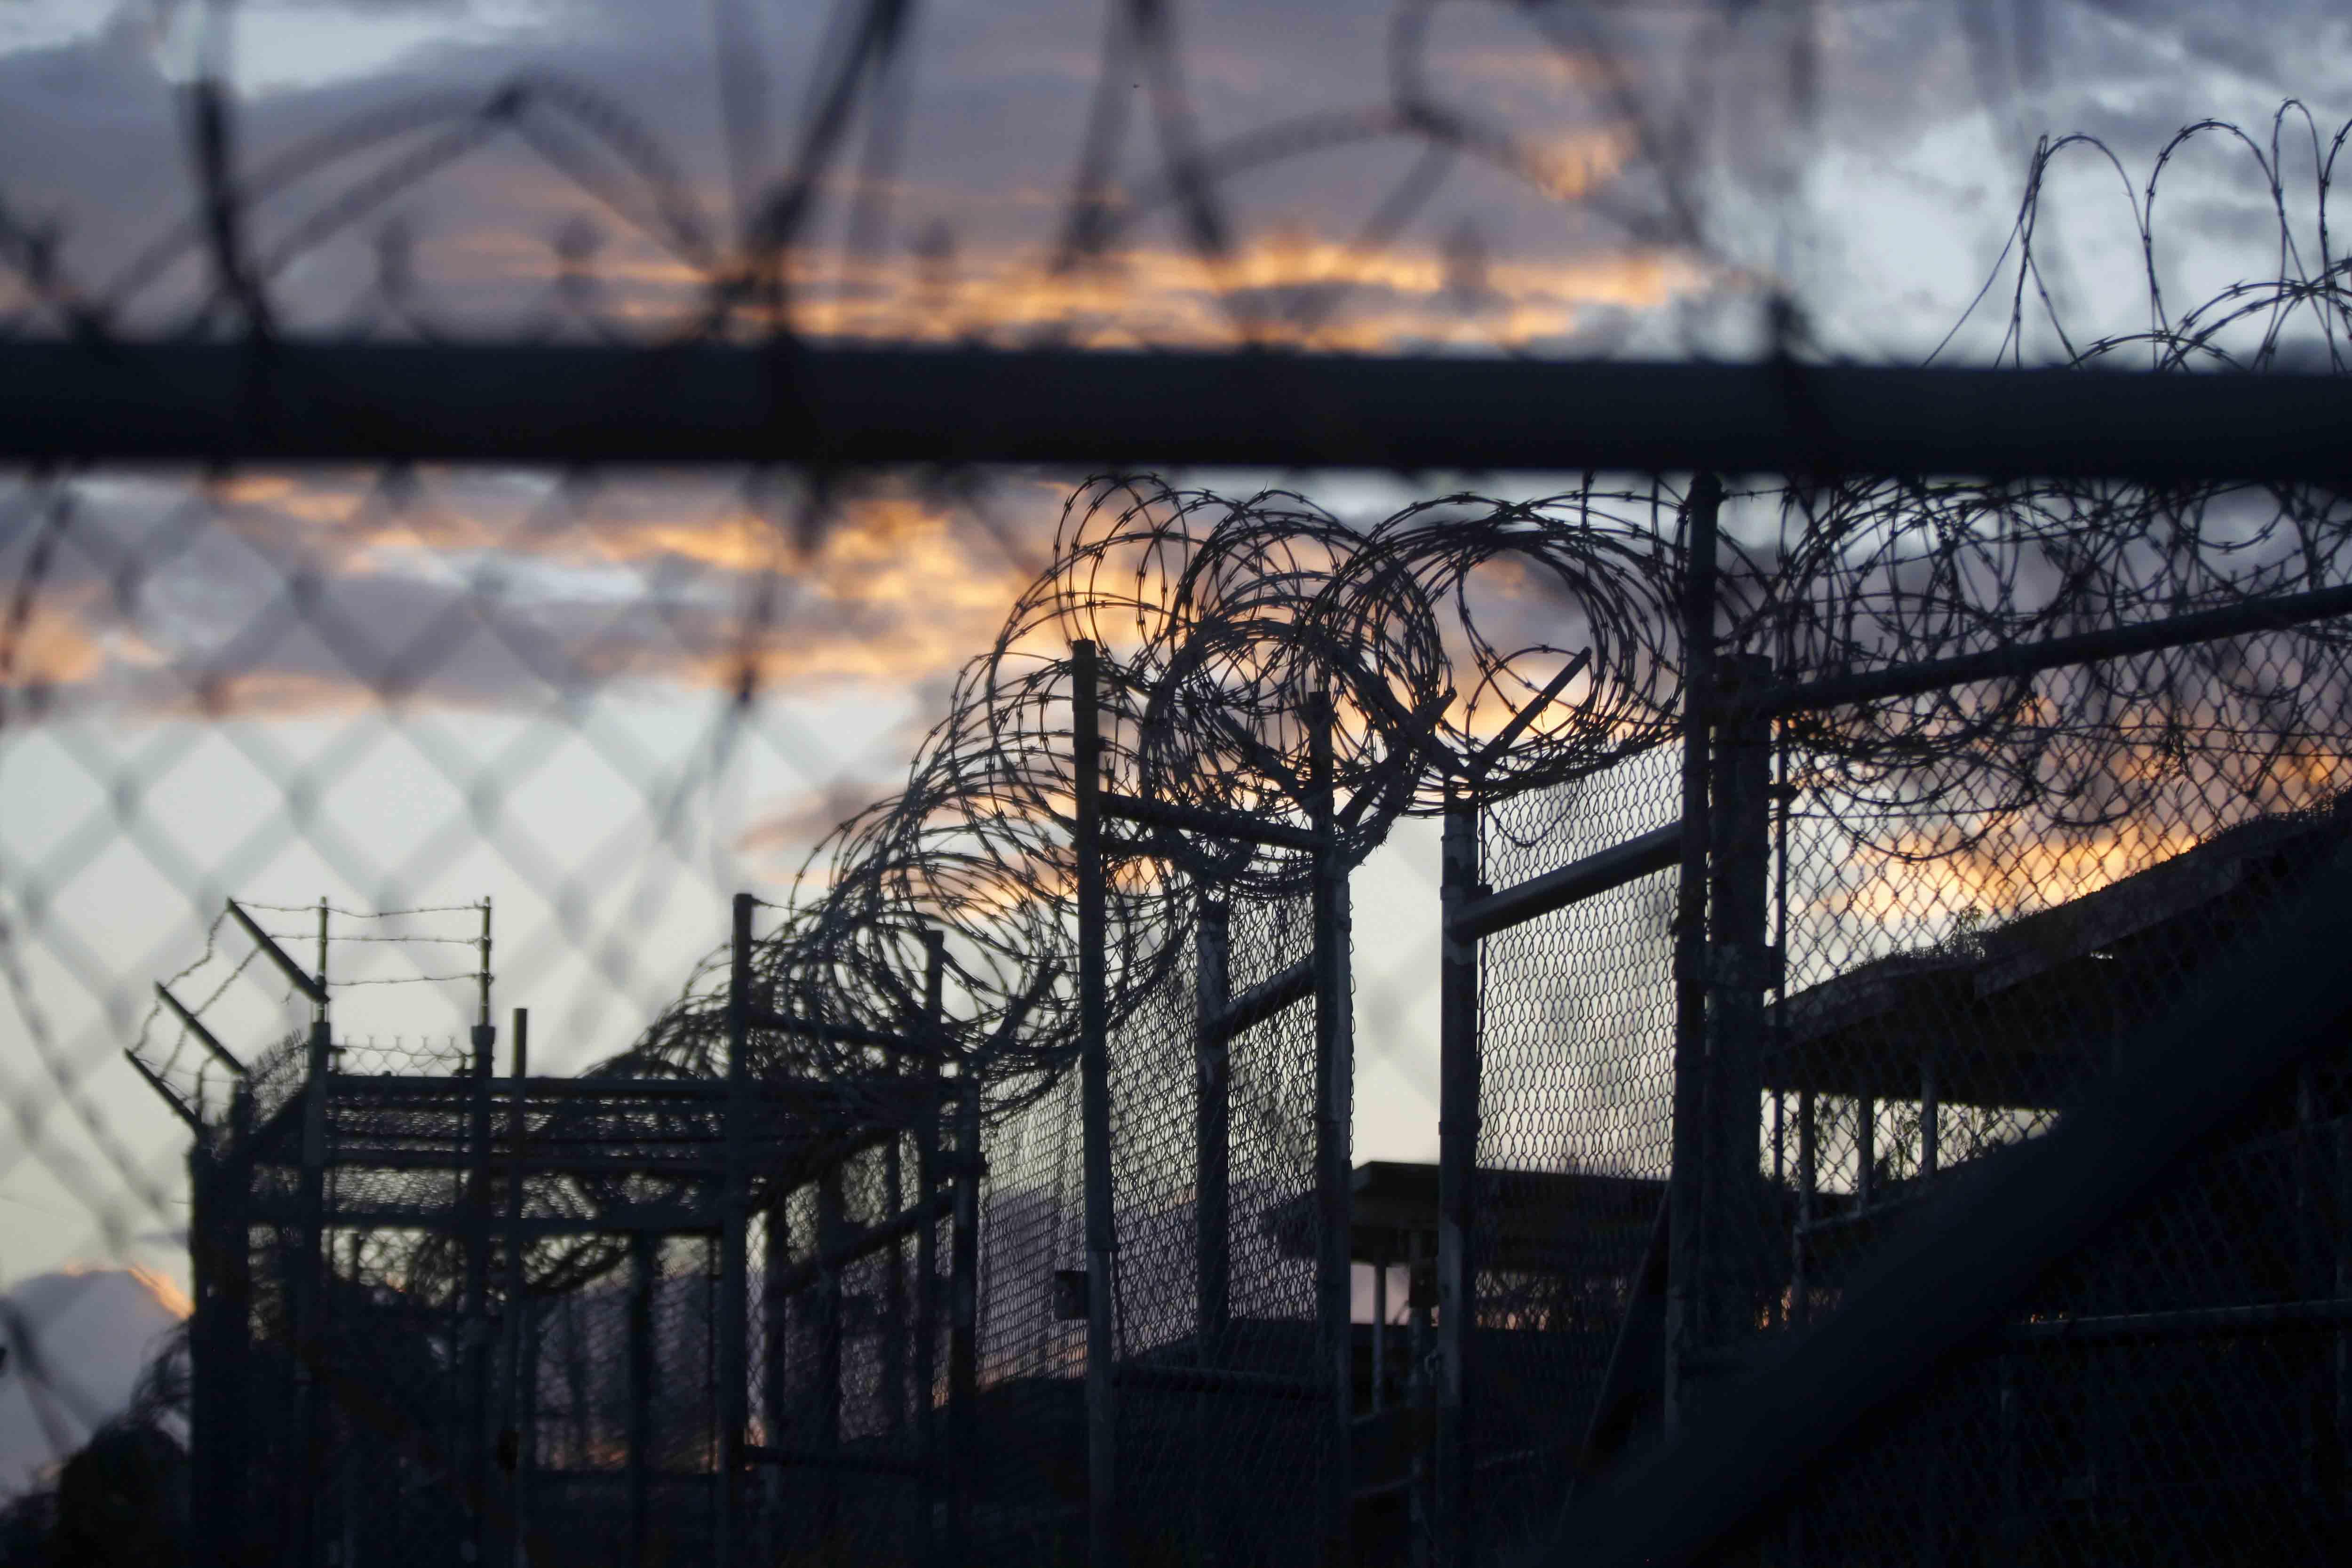 A los detenidos se les otorgó libertad condicional debido a la sobrepoblación carcelaria luego del fallido golpe de estado el pasado 15 de julio